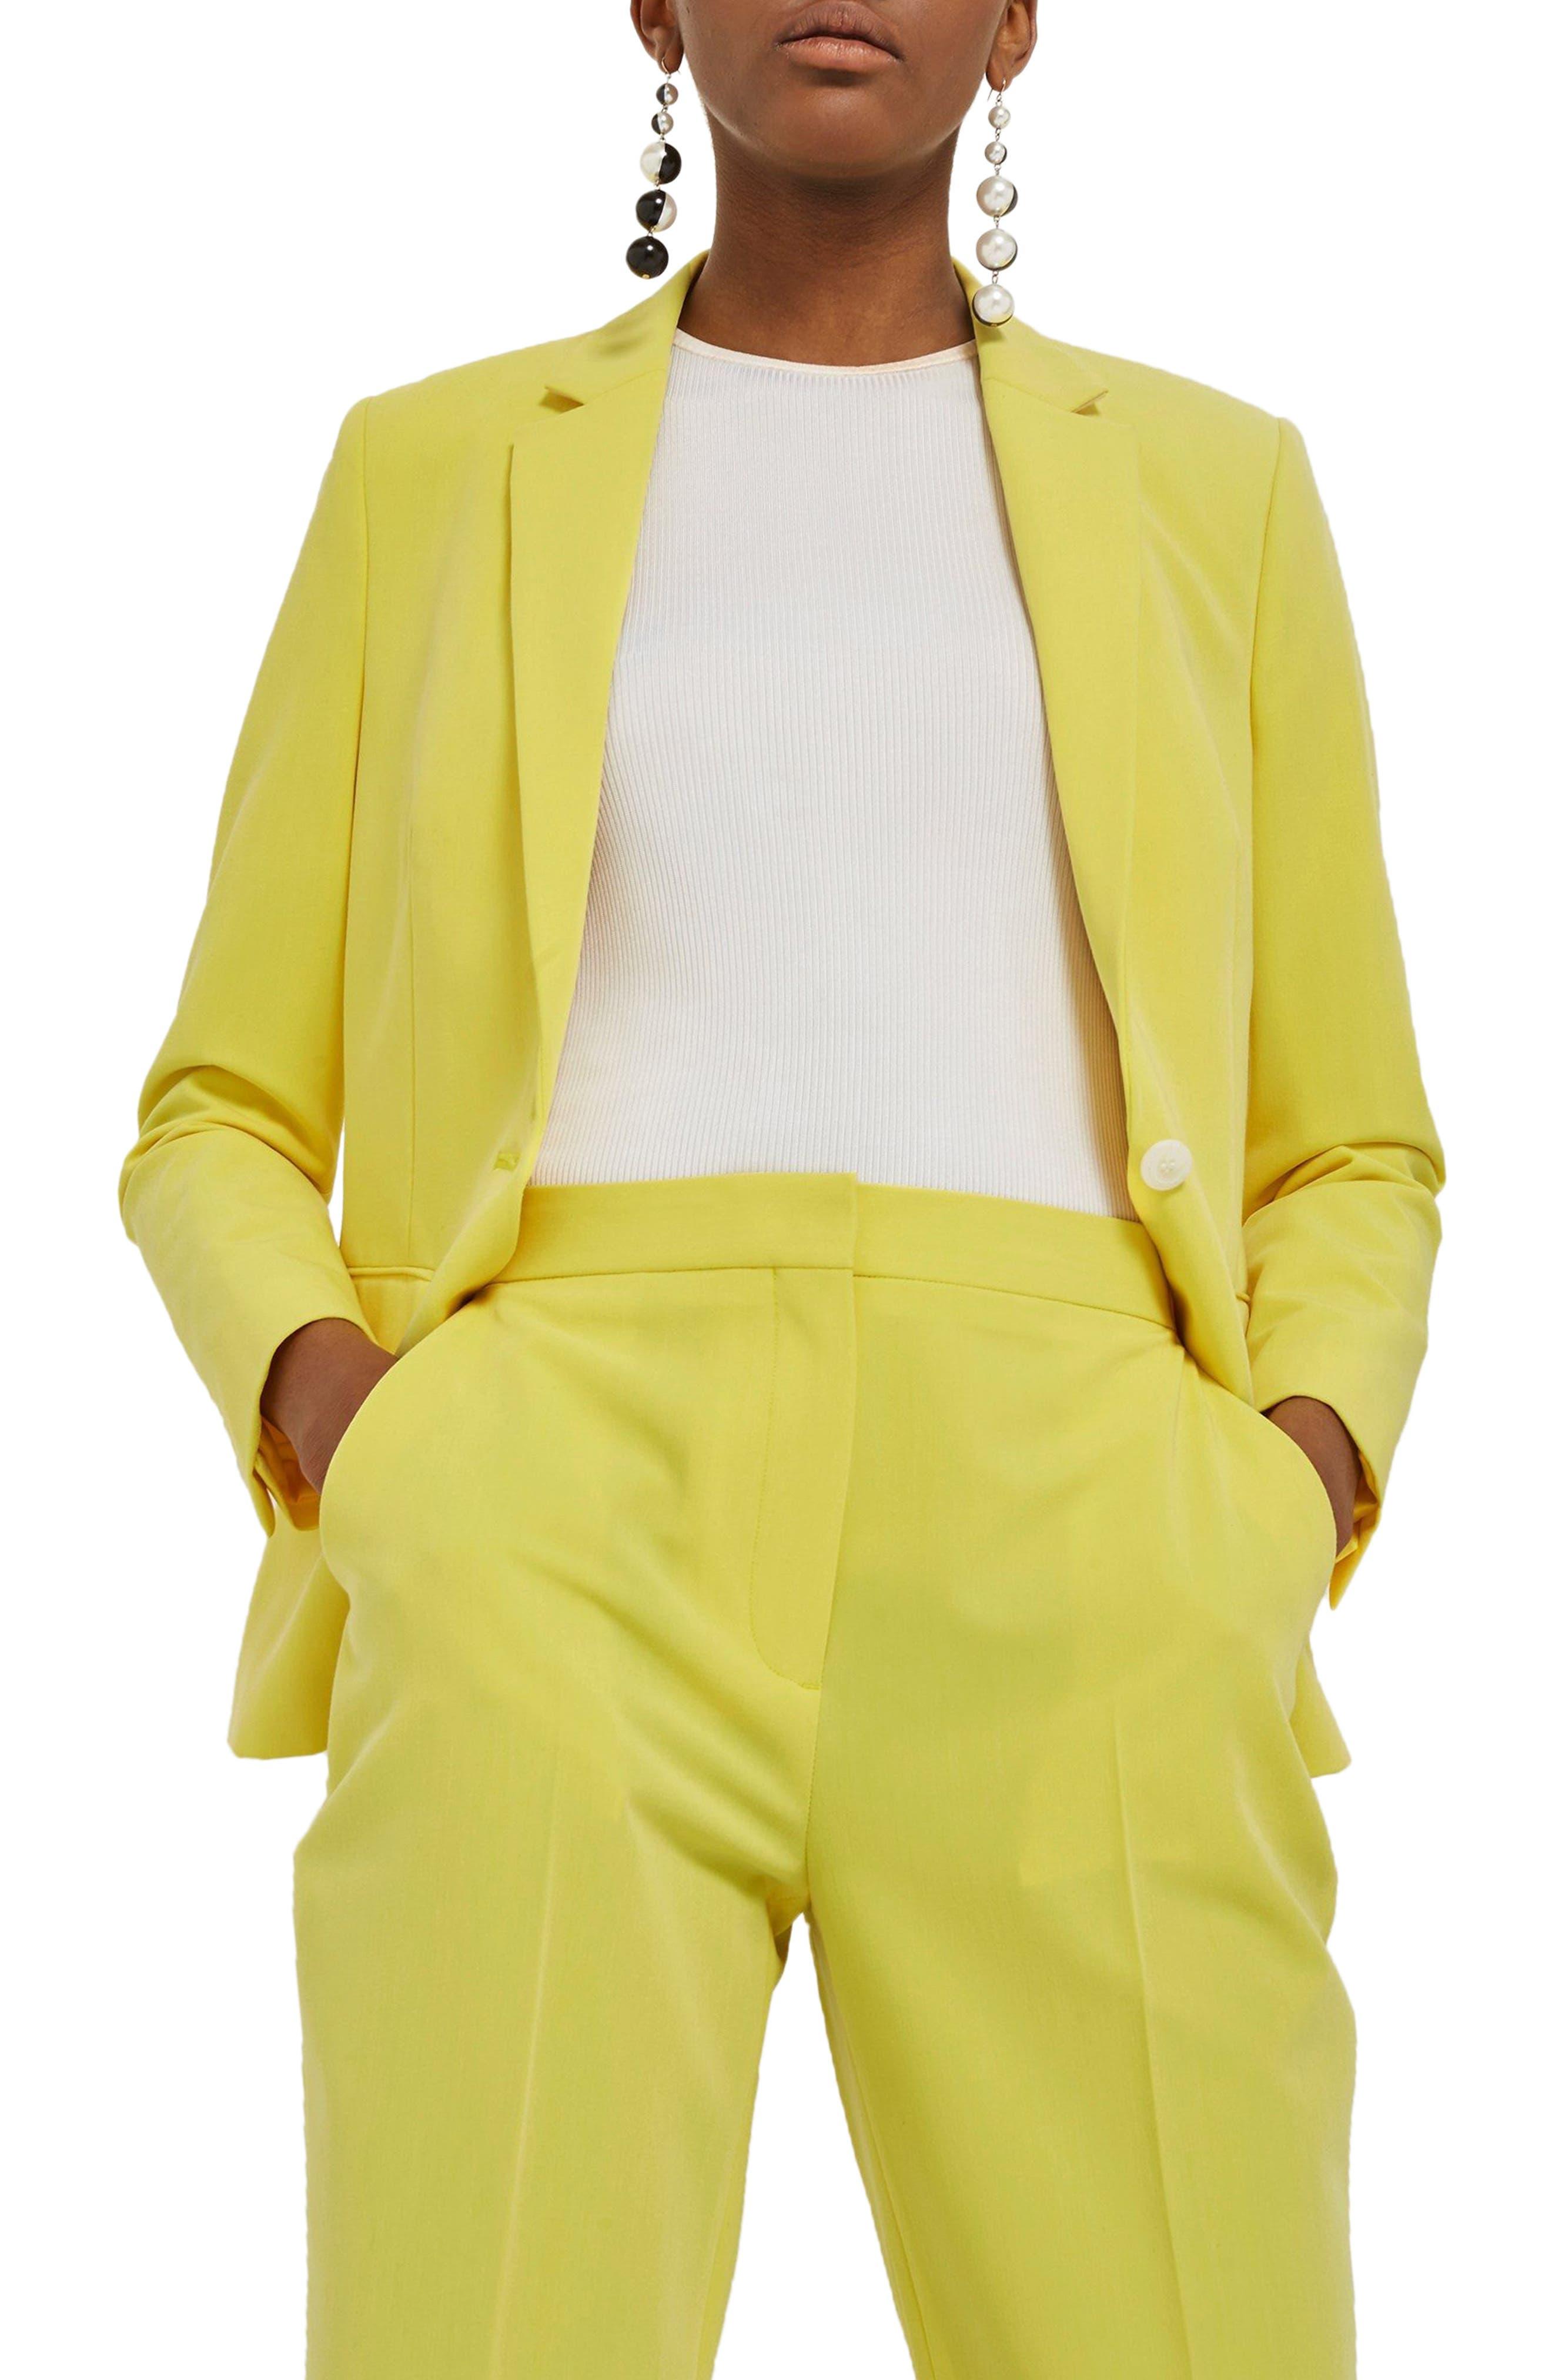 Topshop Longline Suit Jacket